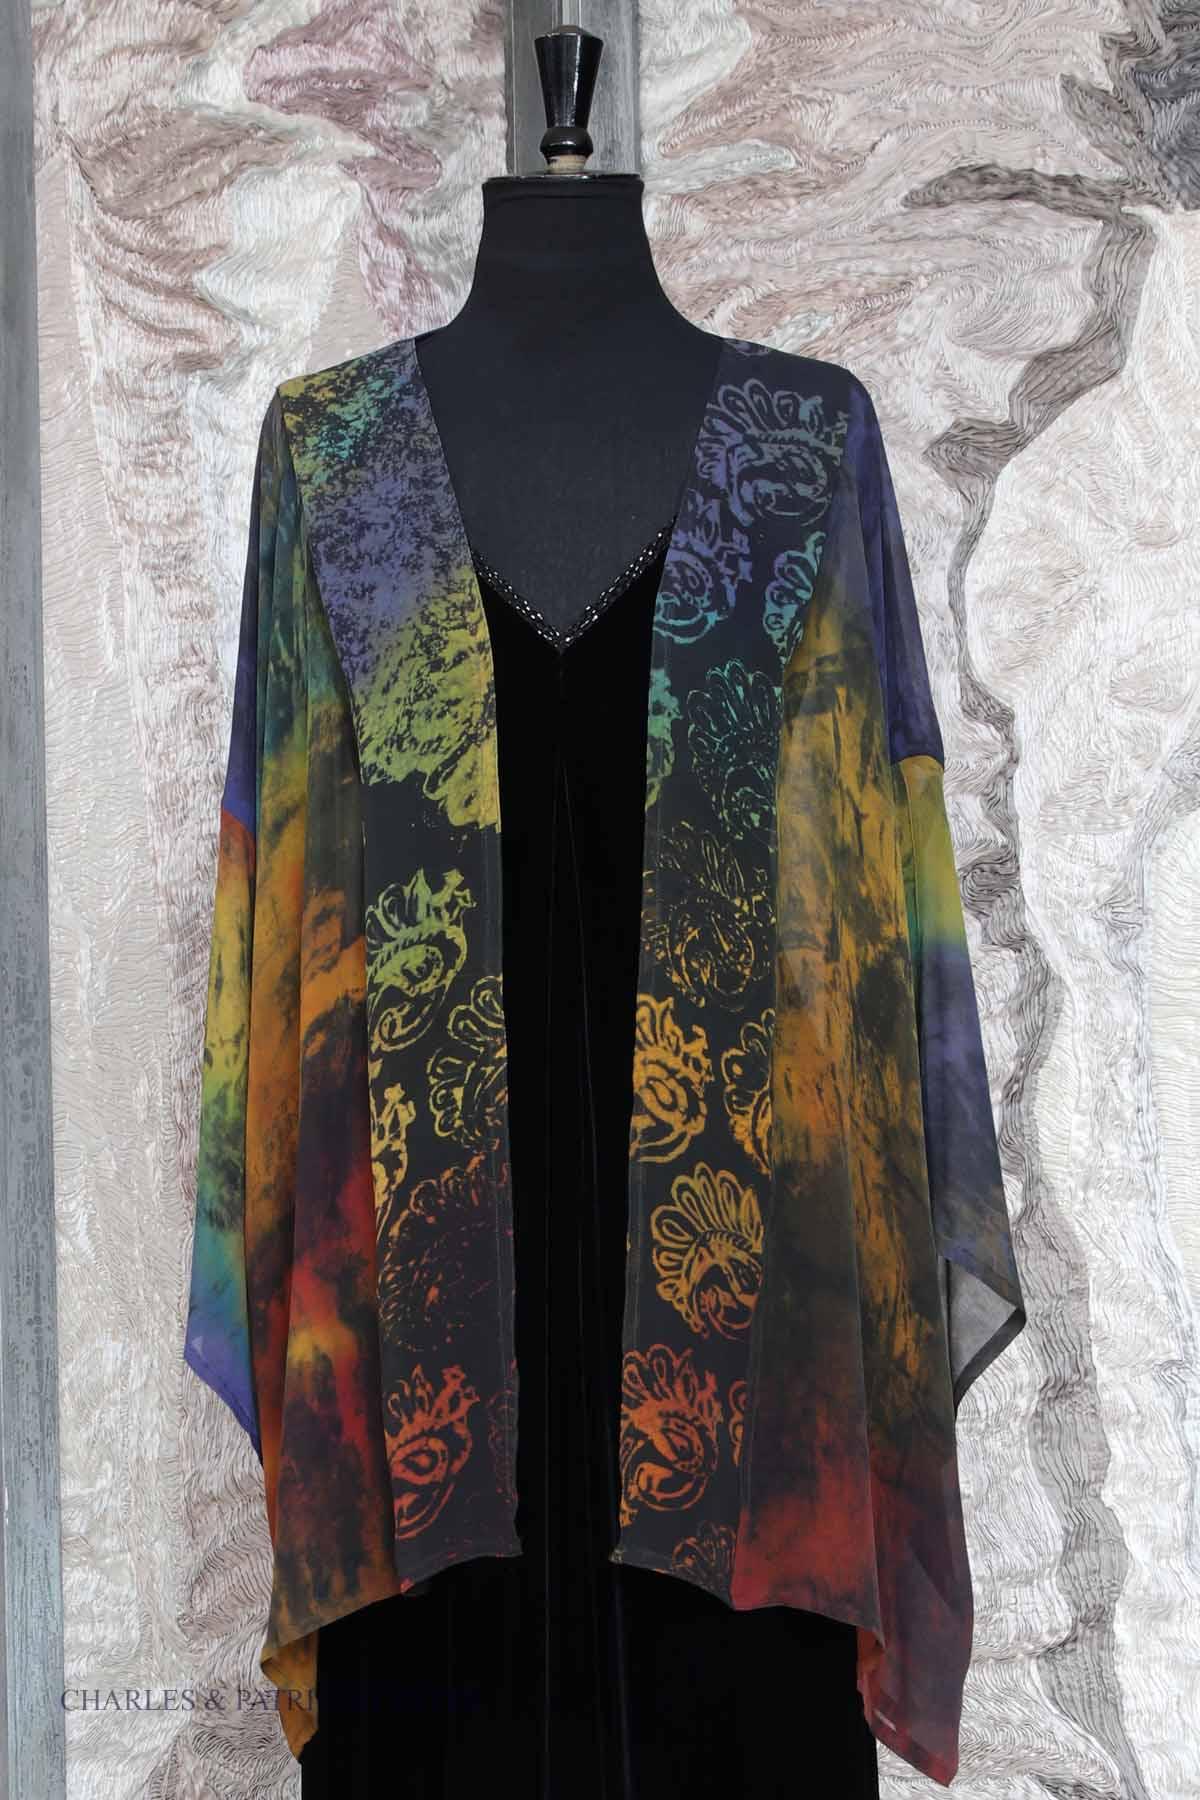 Norma Jacket in Dark Embers Silk Georgette with Antique Block Printing Motifs